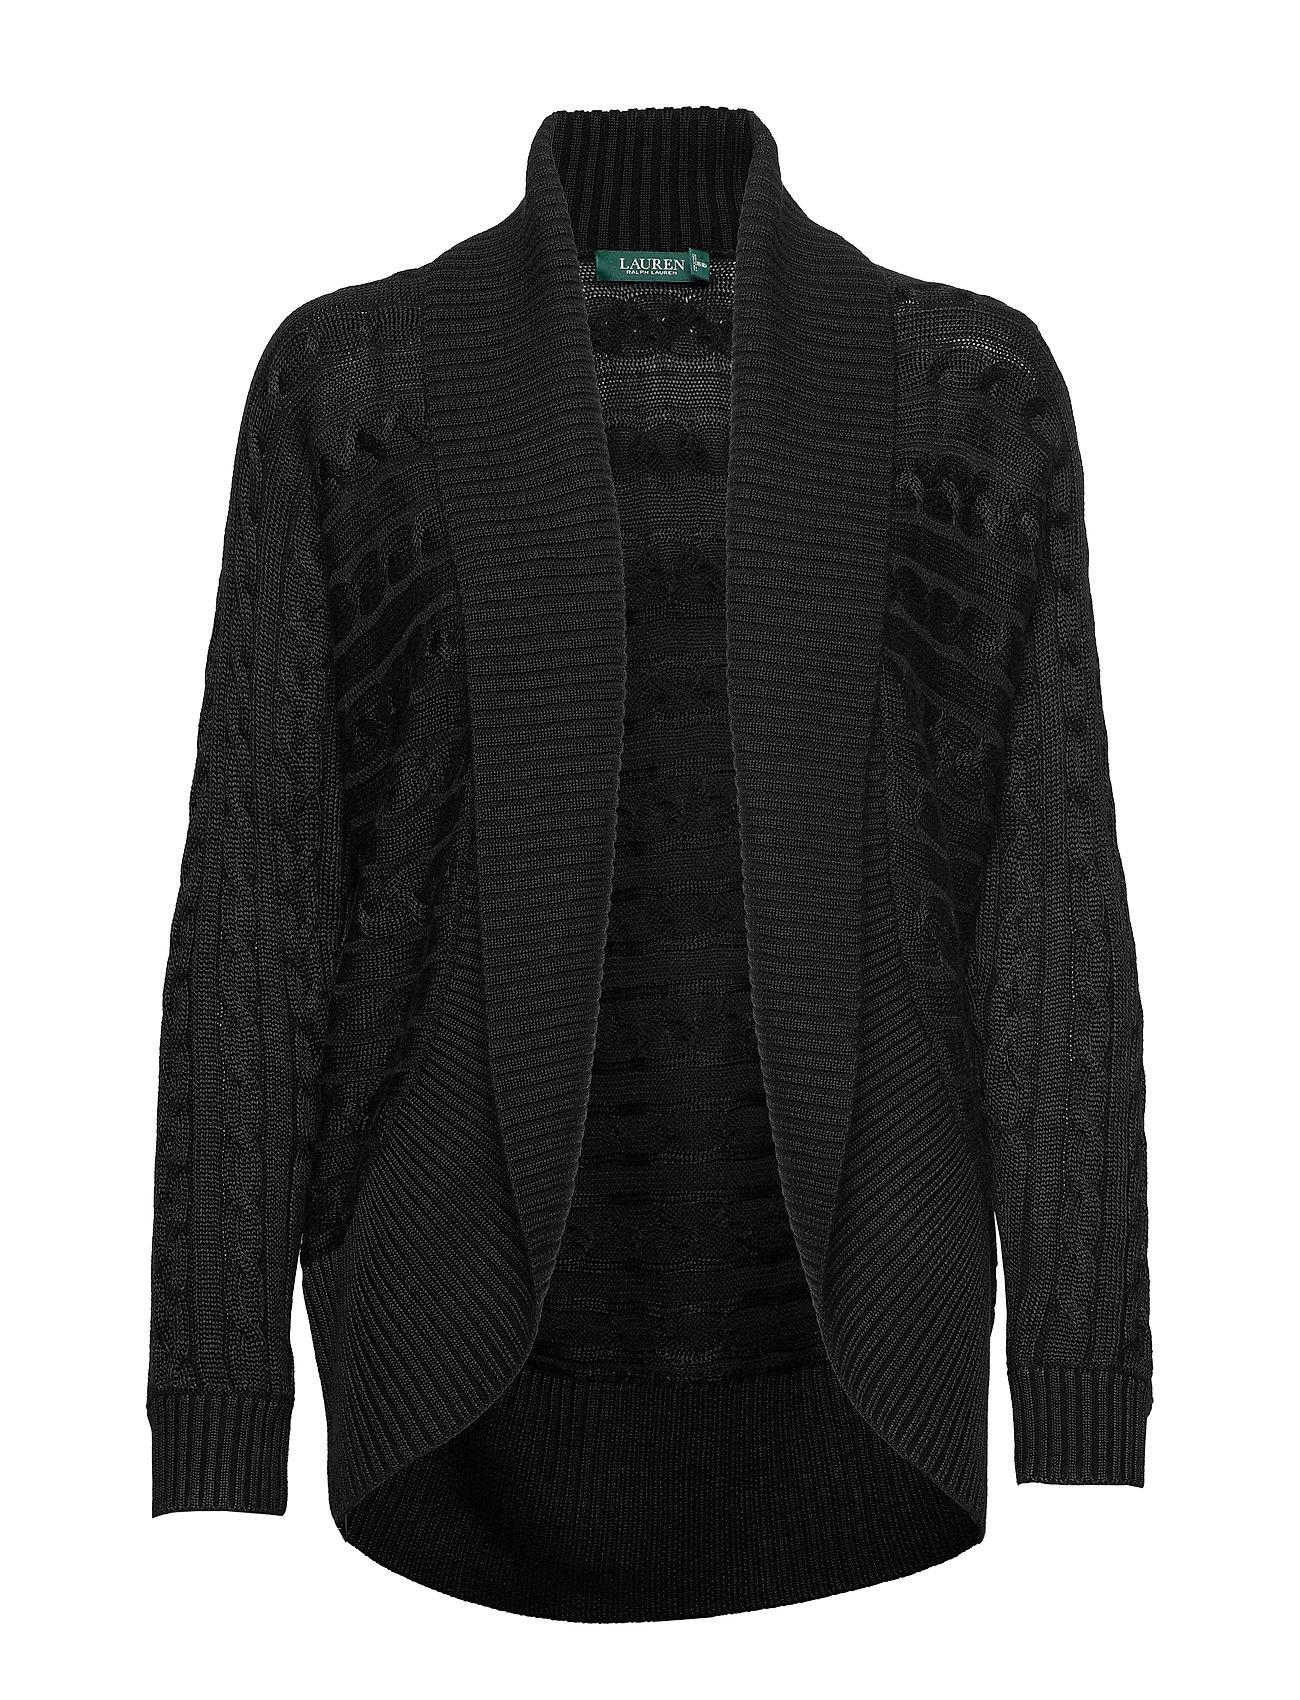 Lauren Ralph Lauren Cable-Knit Cardigan - POLO BLACK